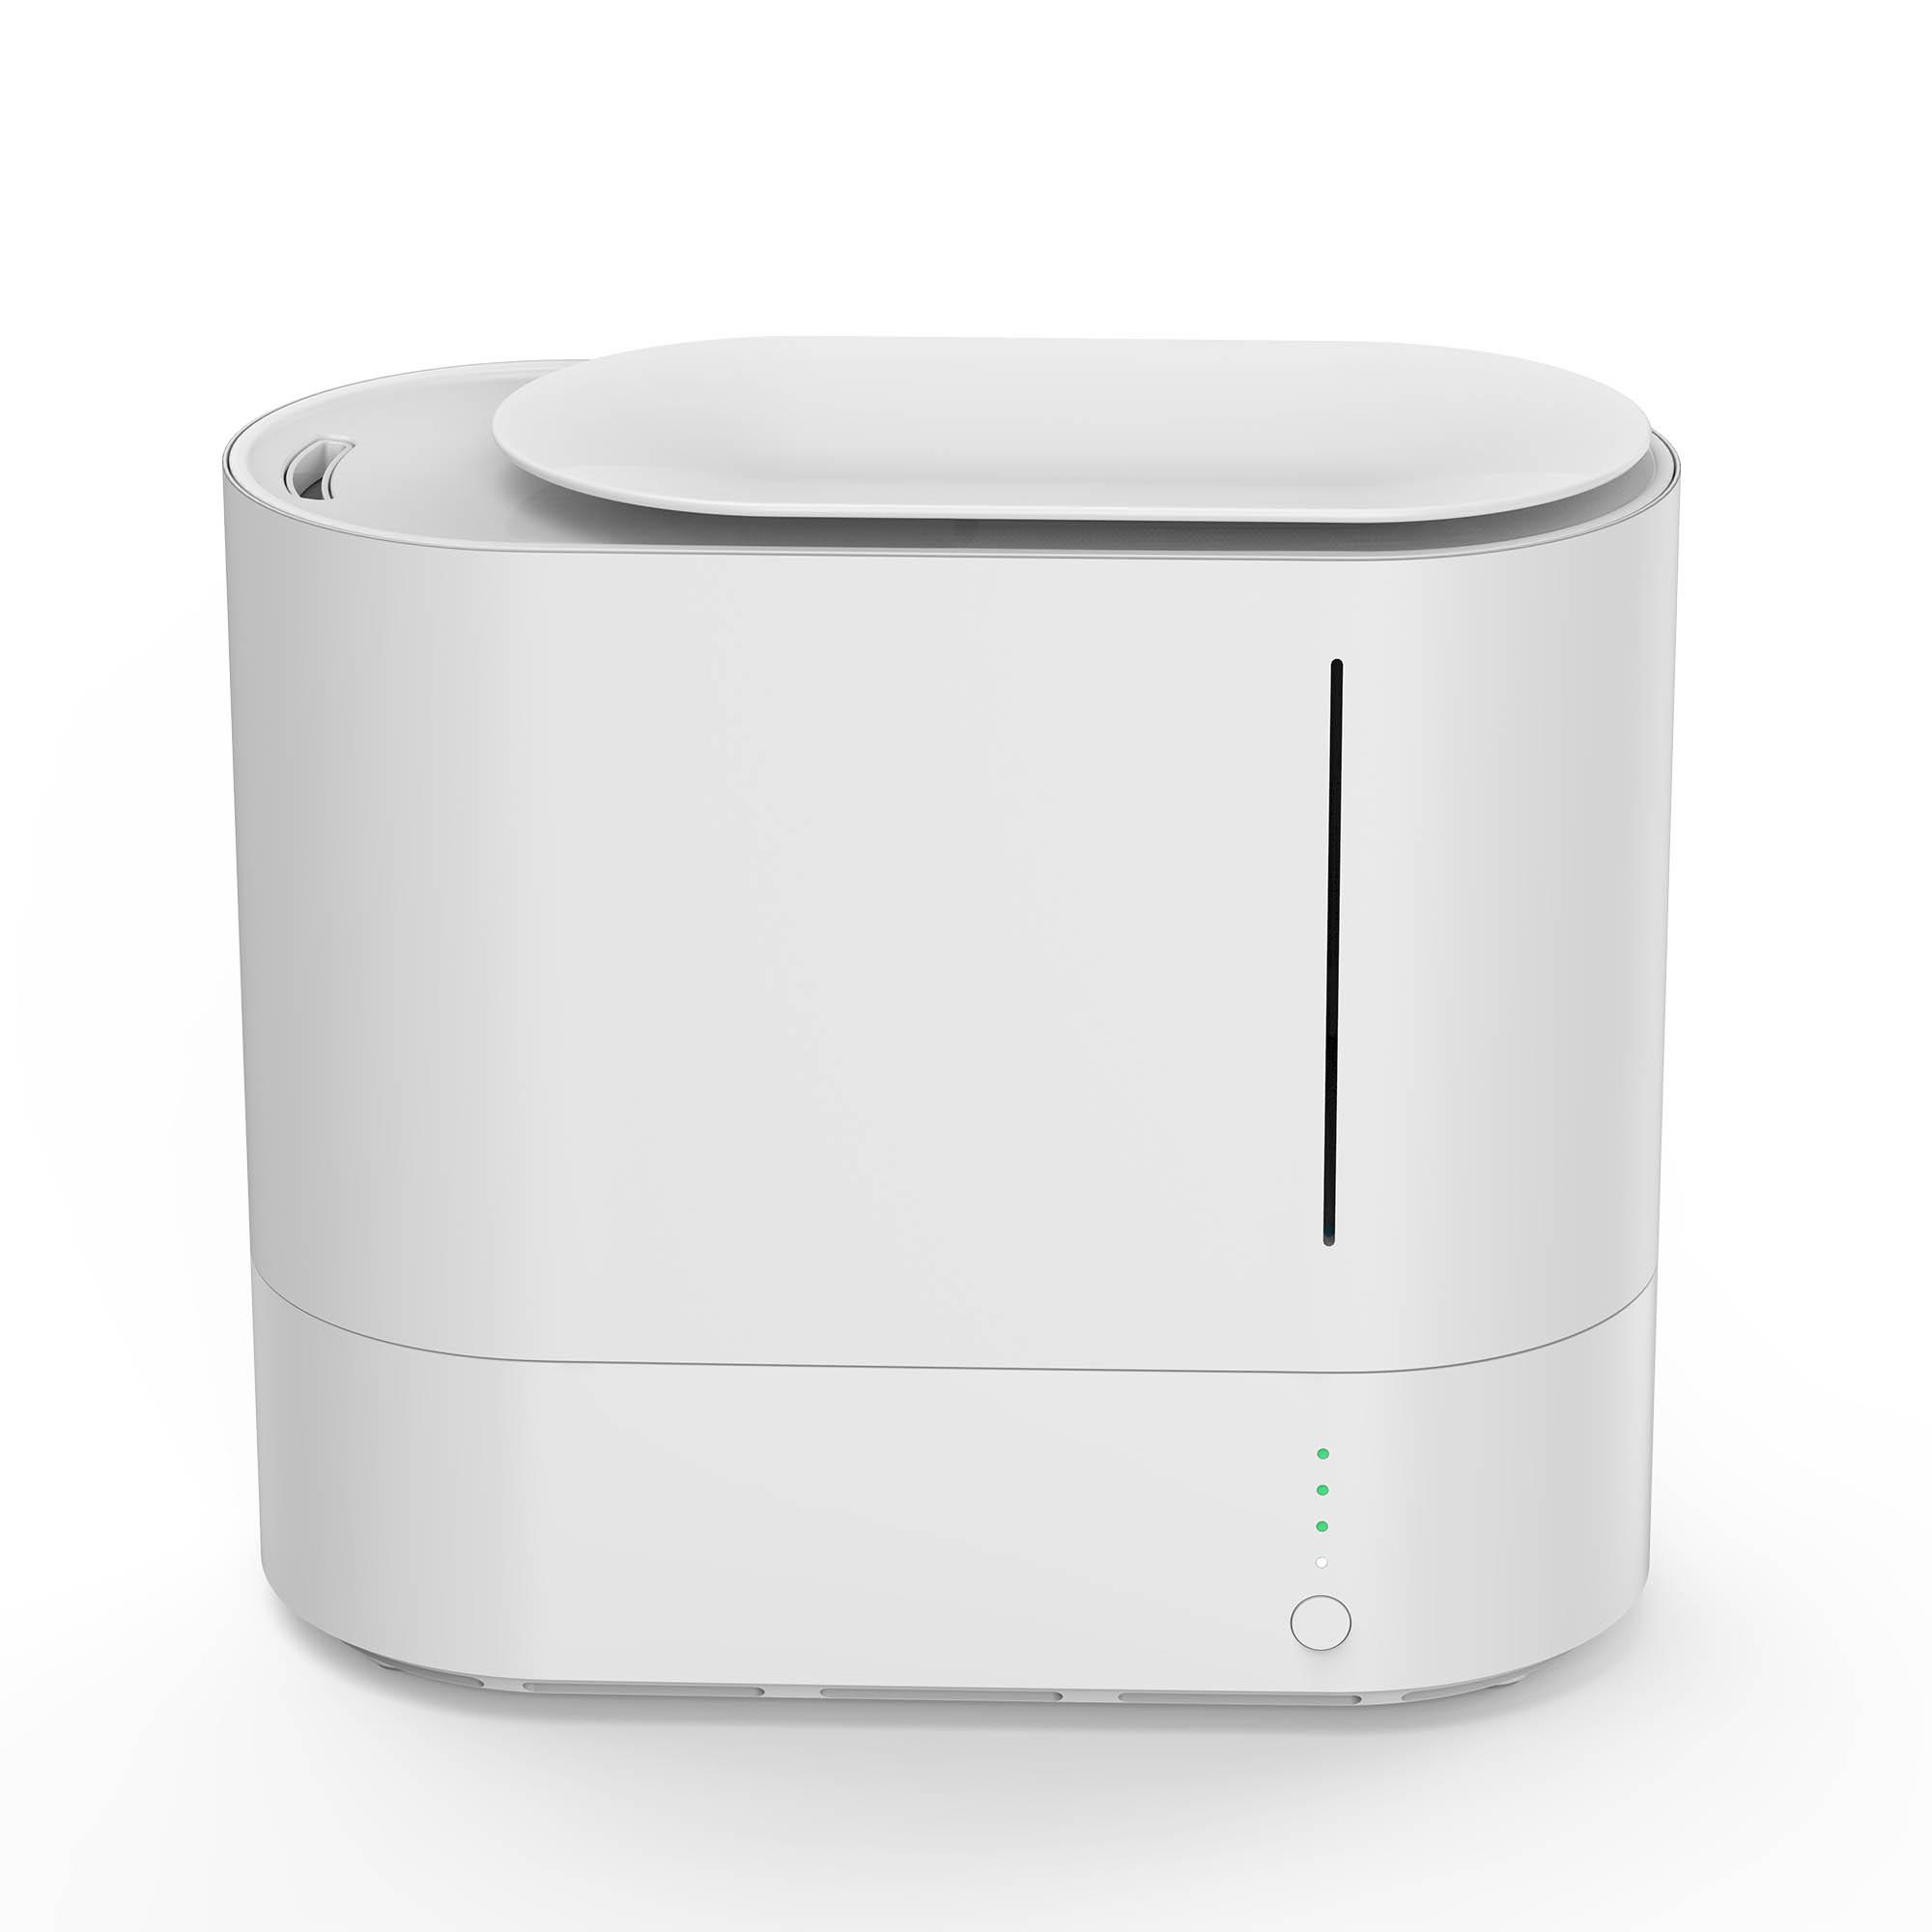 Умный Wi-Fi увлажнитель воздуха HIPER Iot Humidifier 2.2L